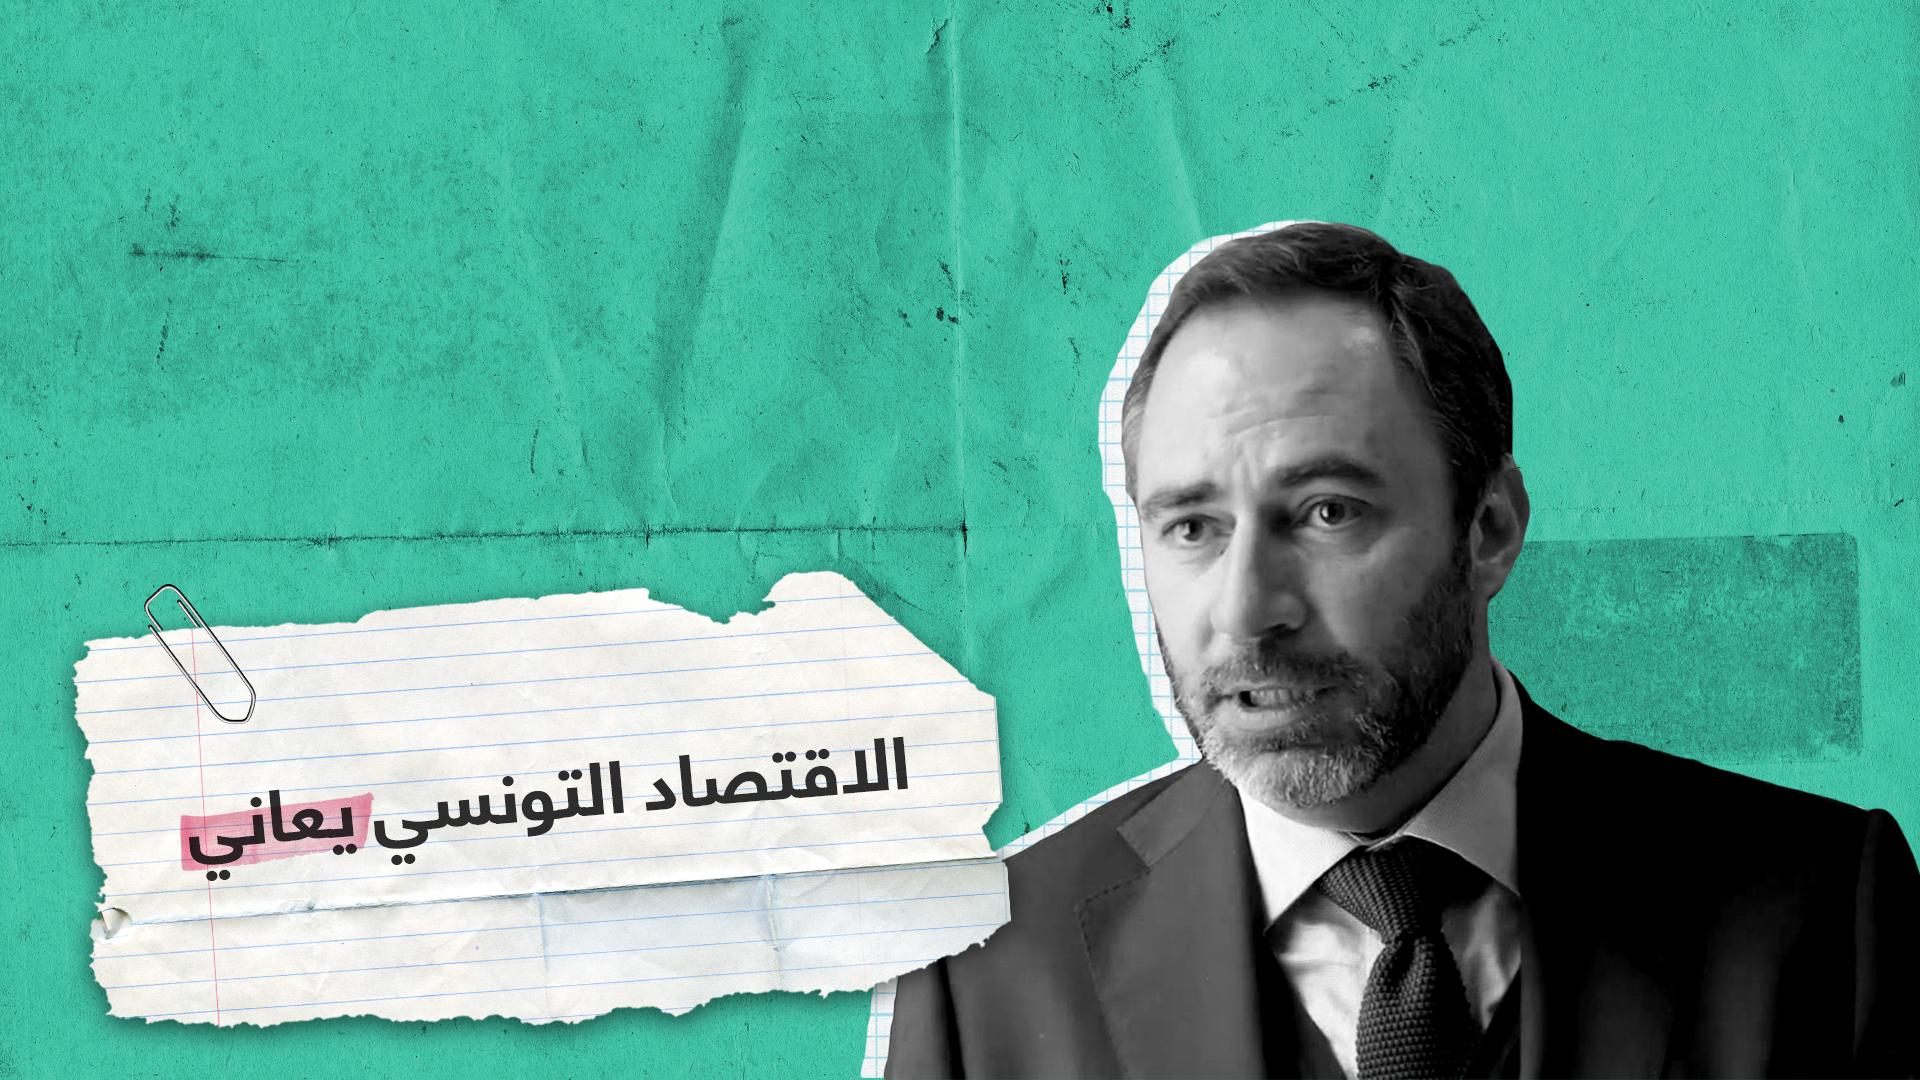 سفير الاتحاد الأوروبي: هناك عائلات في تونس تتحكم في الثروة ستقضي على مكتسبات الثورة